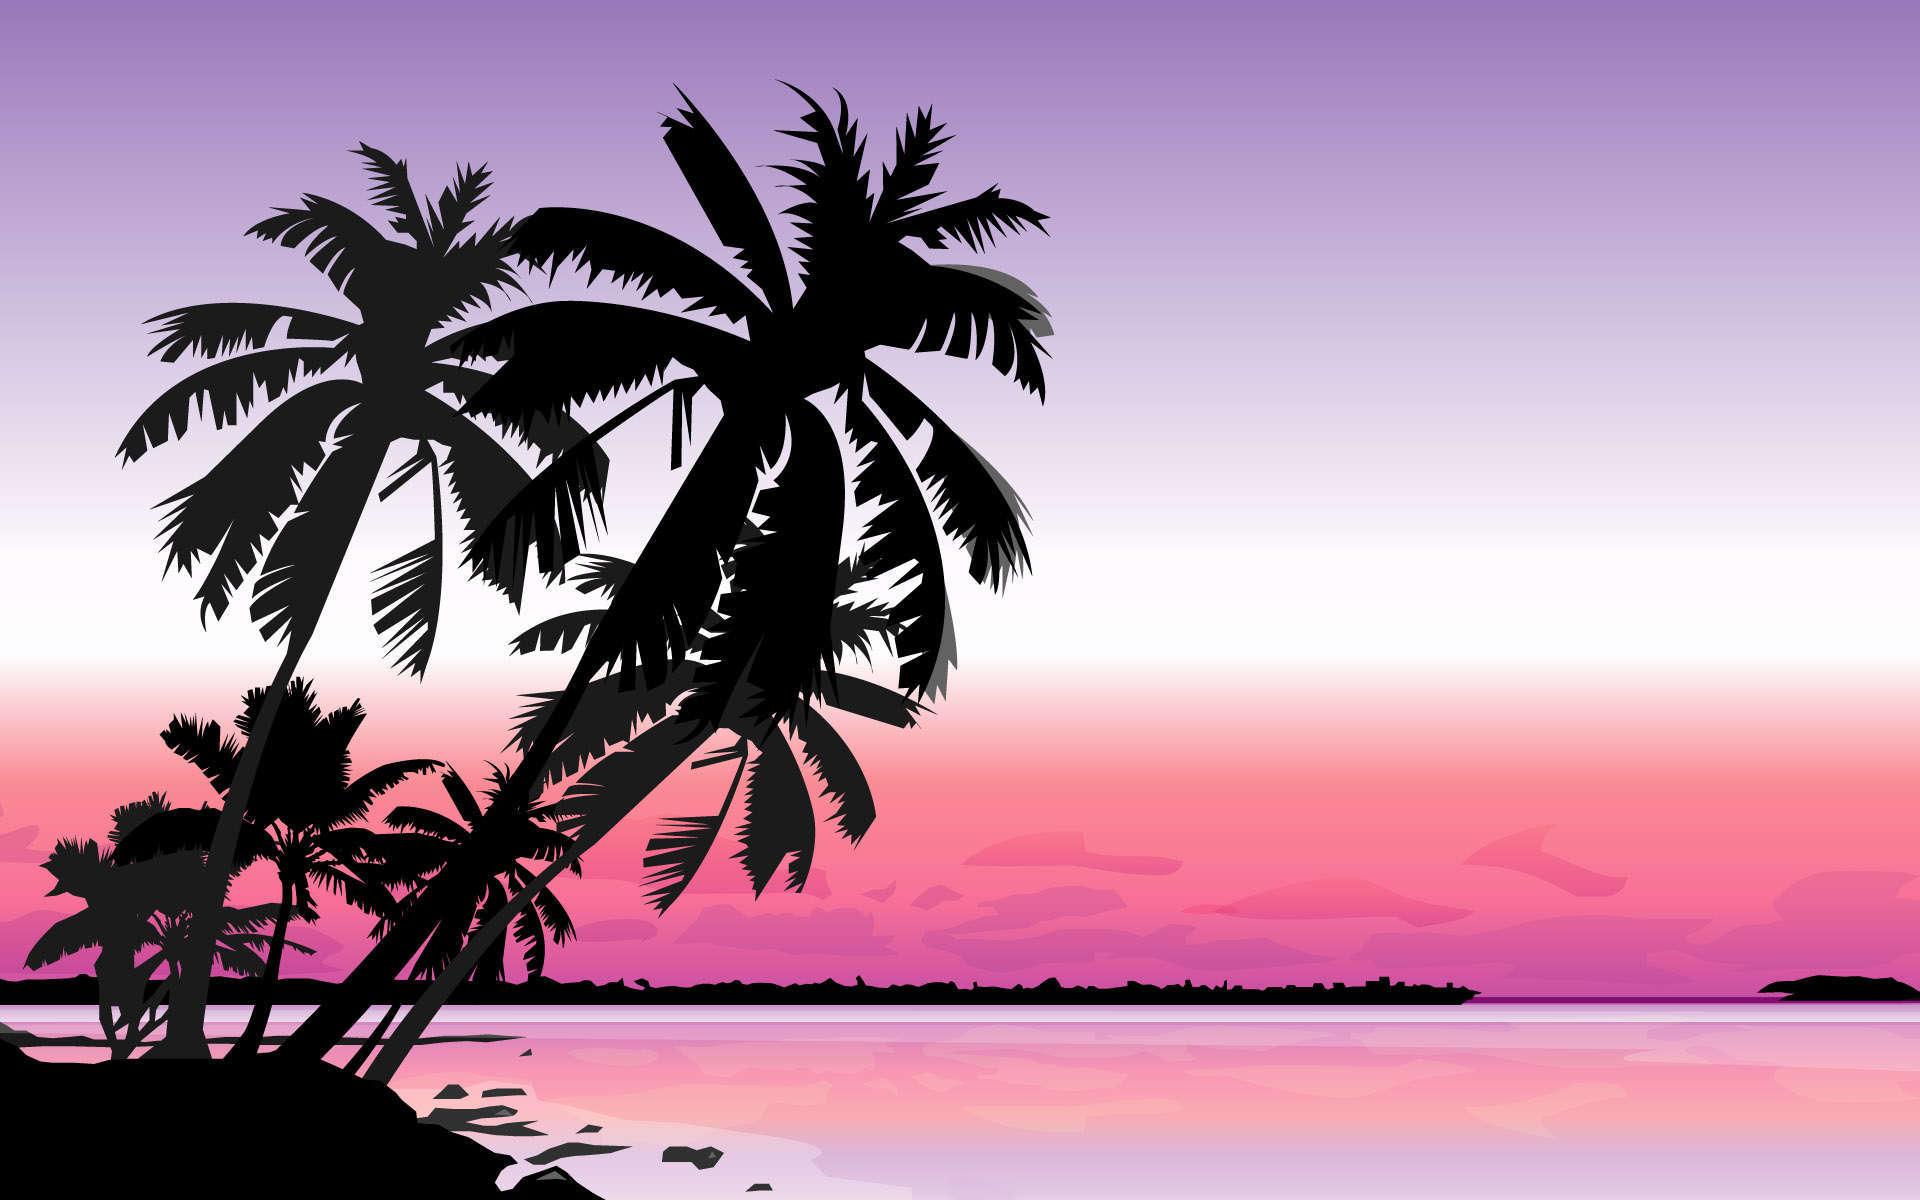 palm tree hd wallpapers 10  AMB 1920x1200